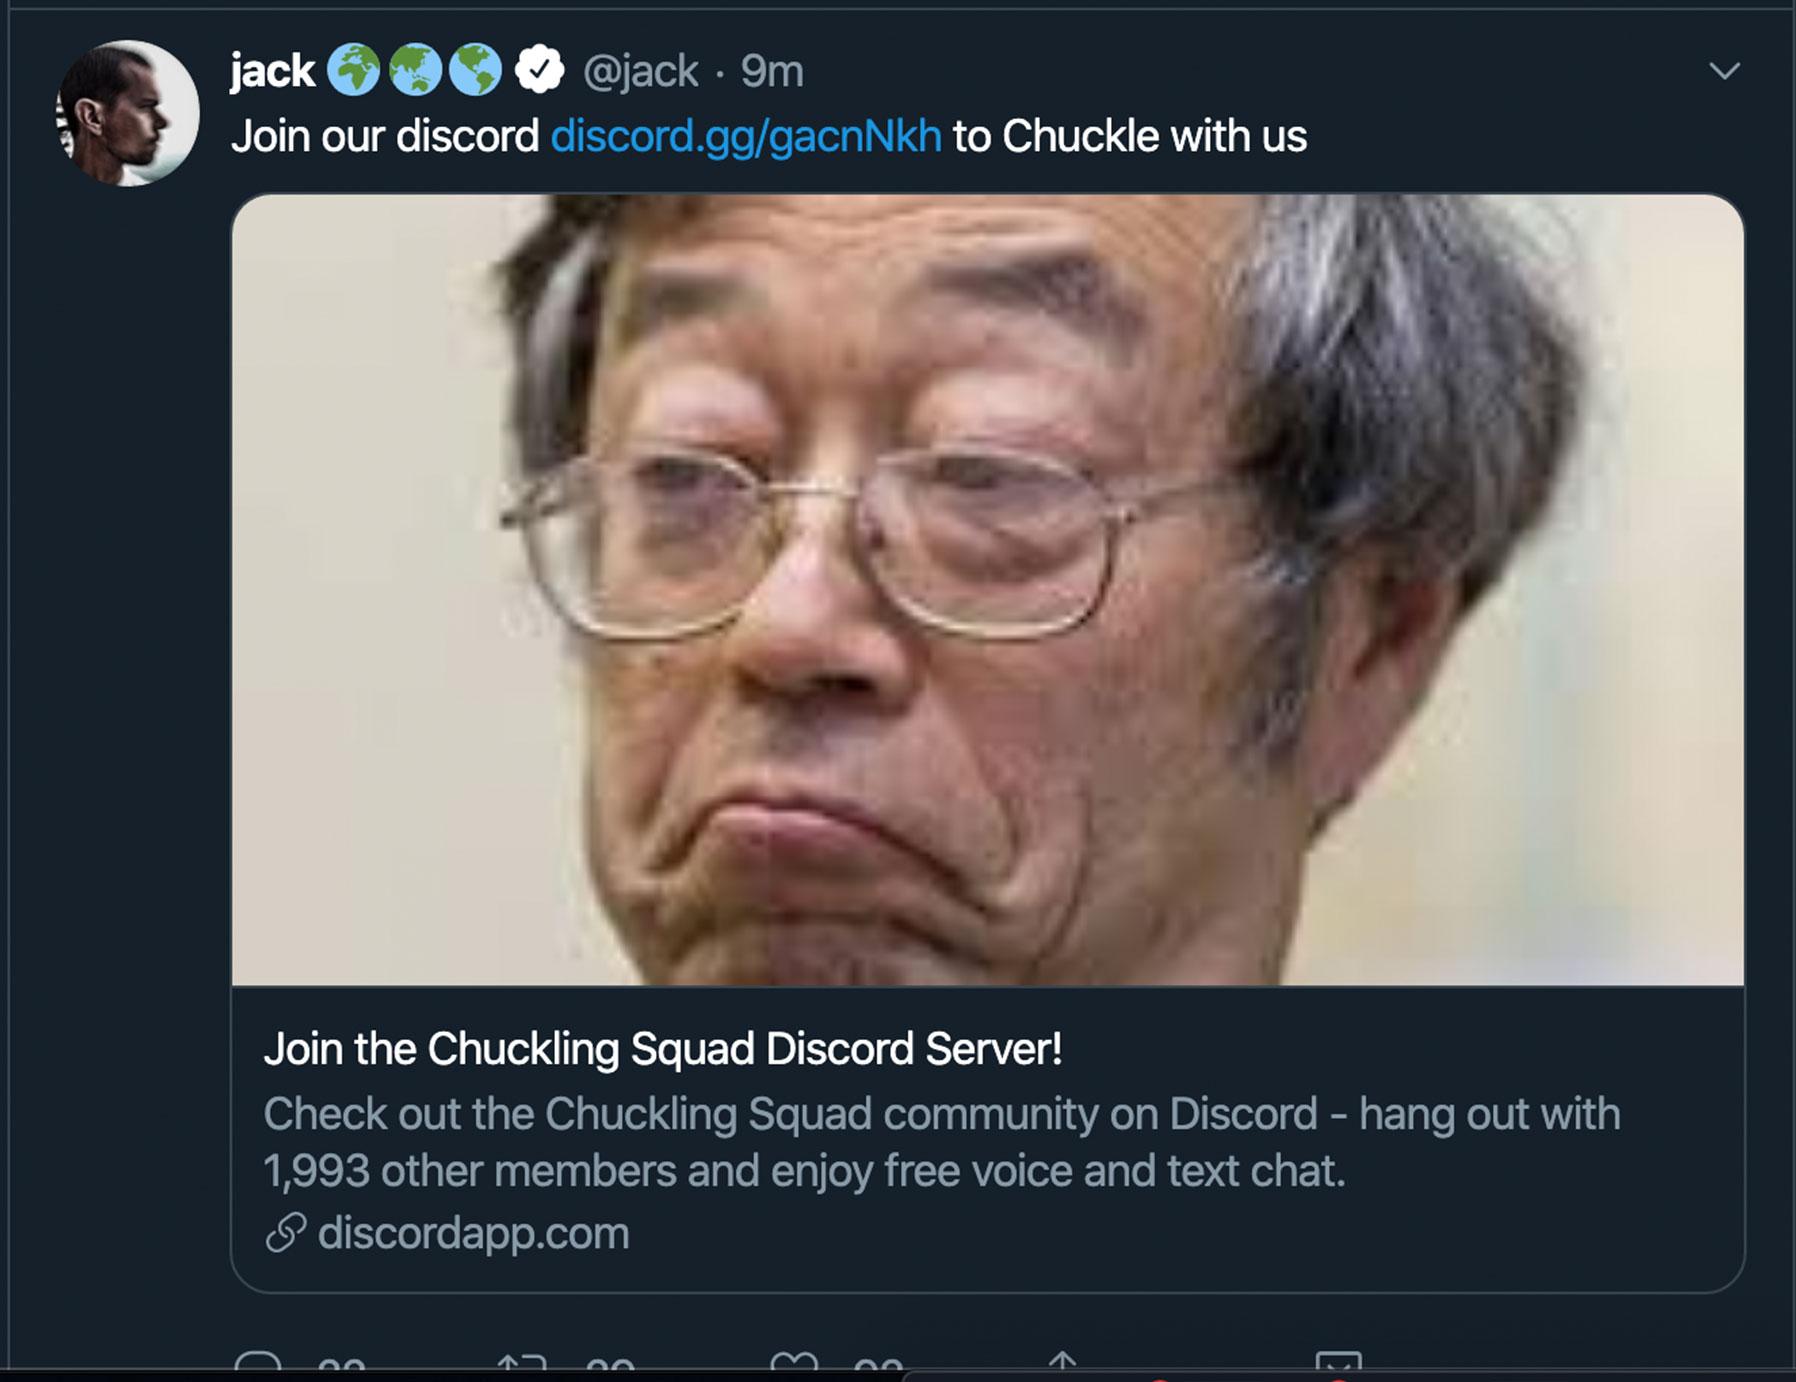 Twitter CEO Jack Dorsey has been hacked